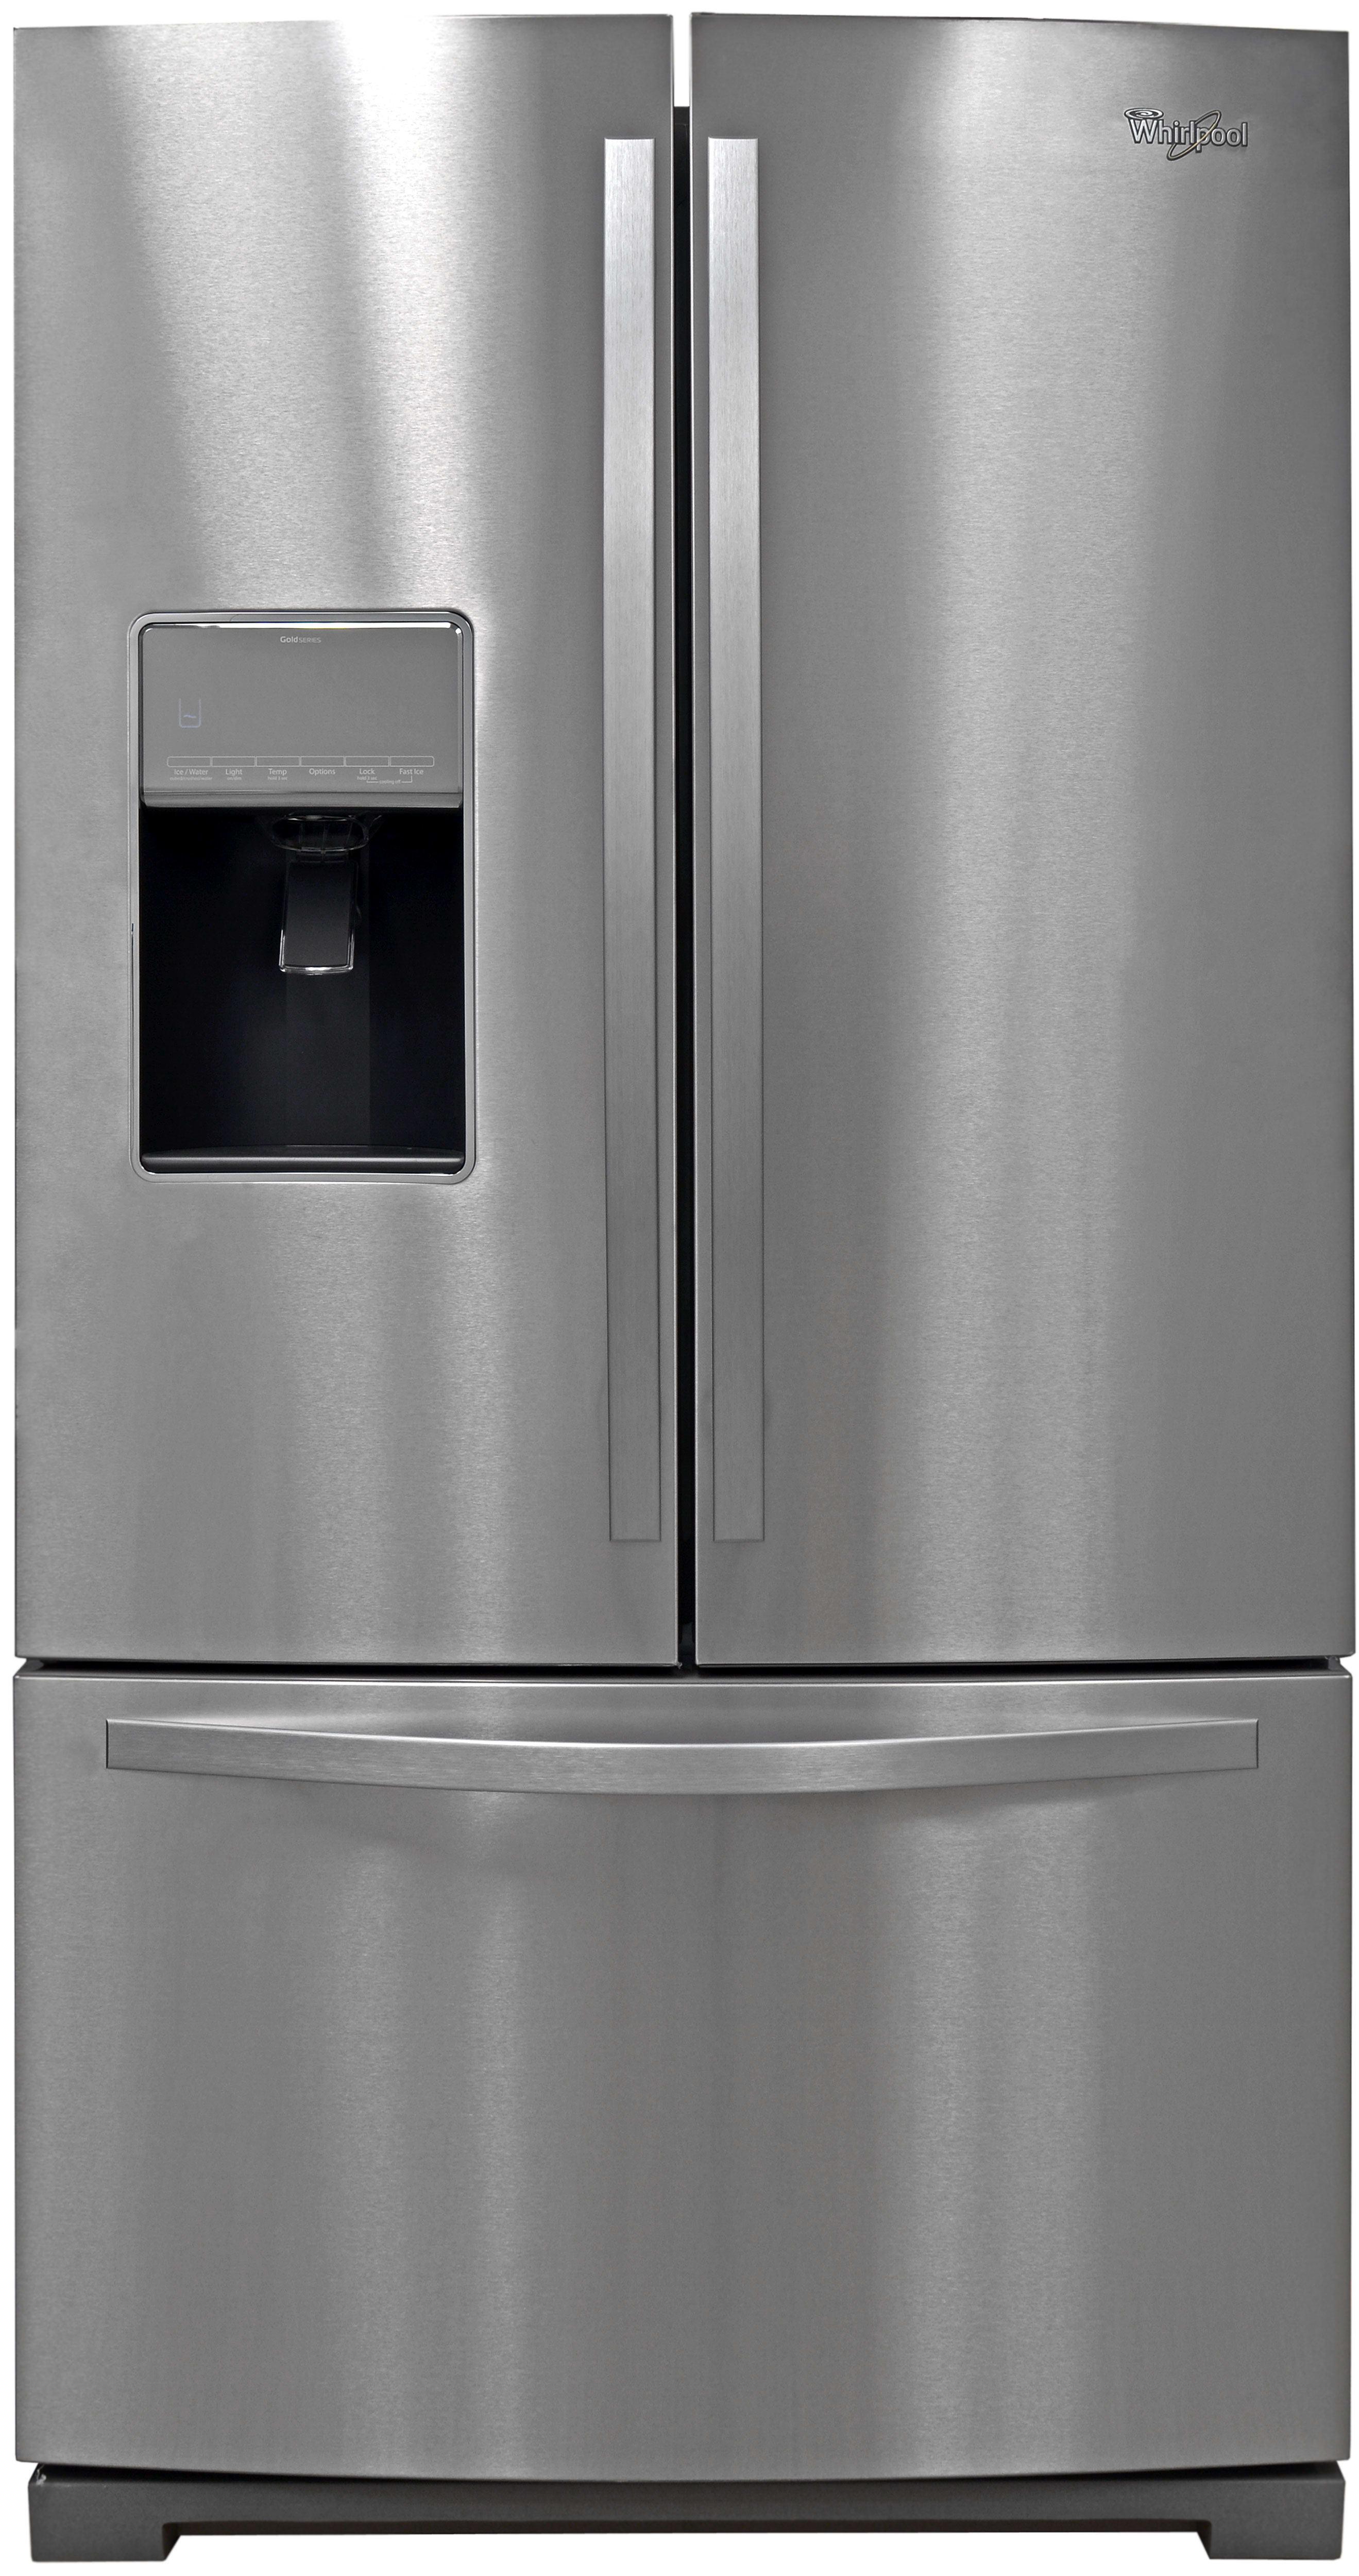 Whirlpool Wrf757sdem Refrigerator Review Reviewed Com